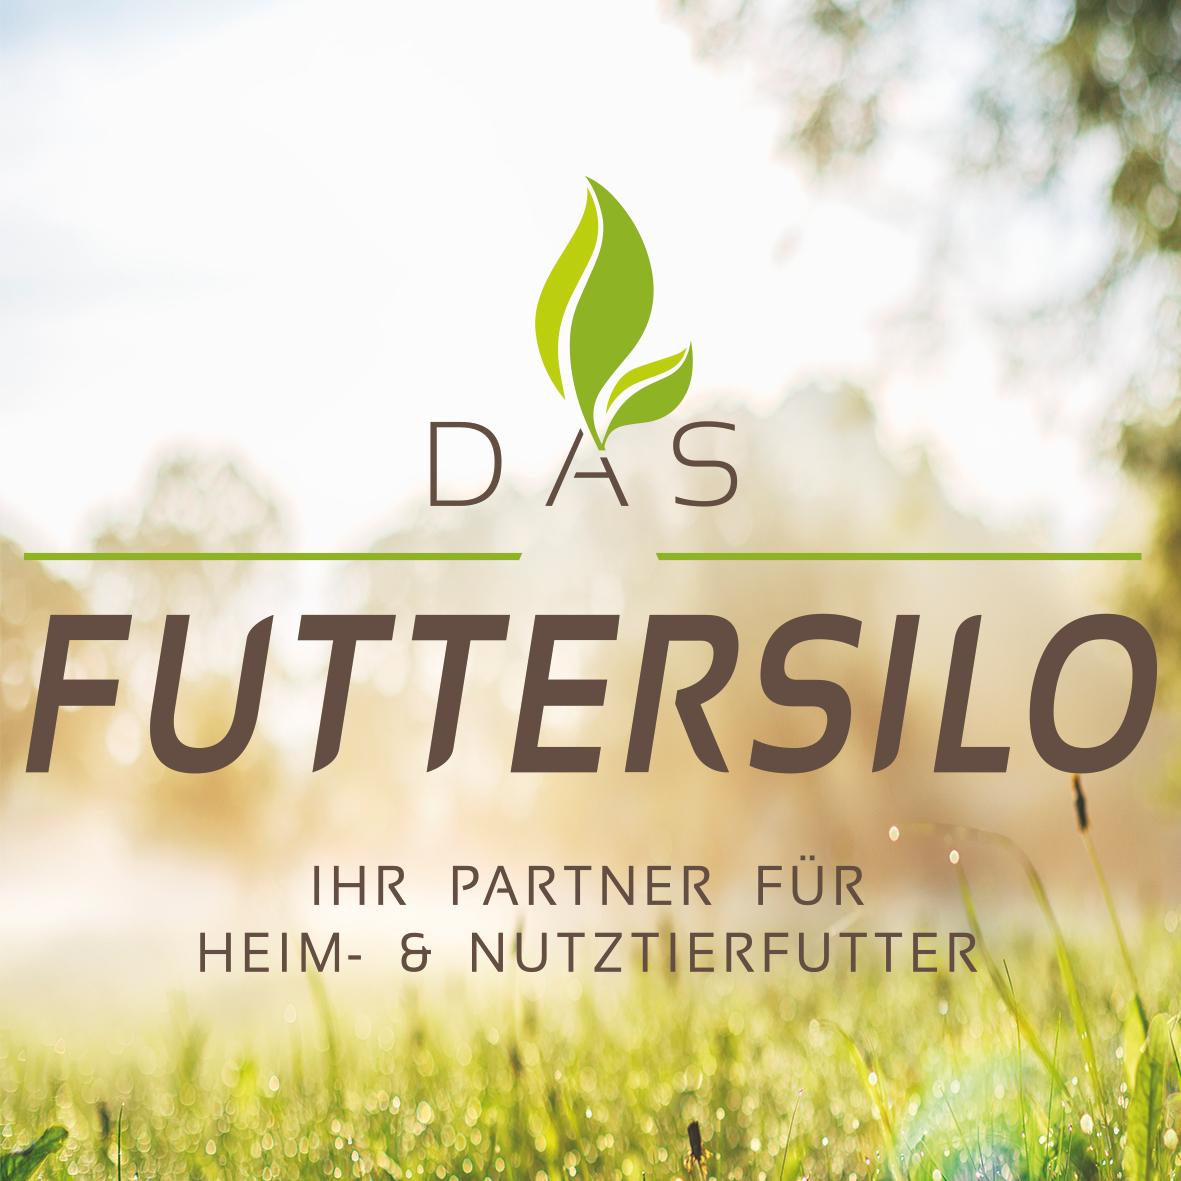 Das_Futtersilo_Logo_mit_SL2.jpg